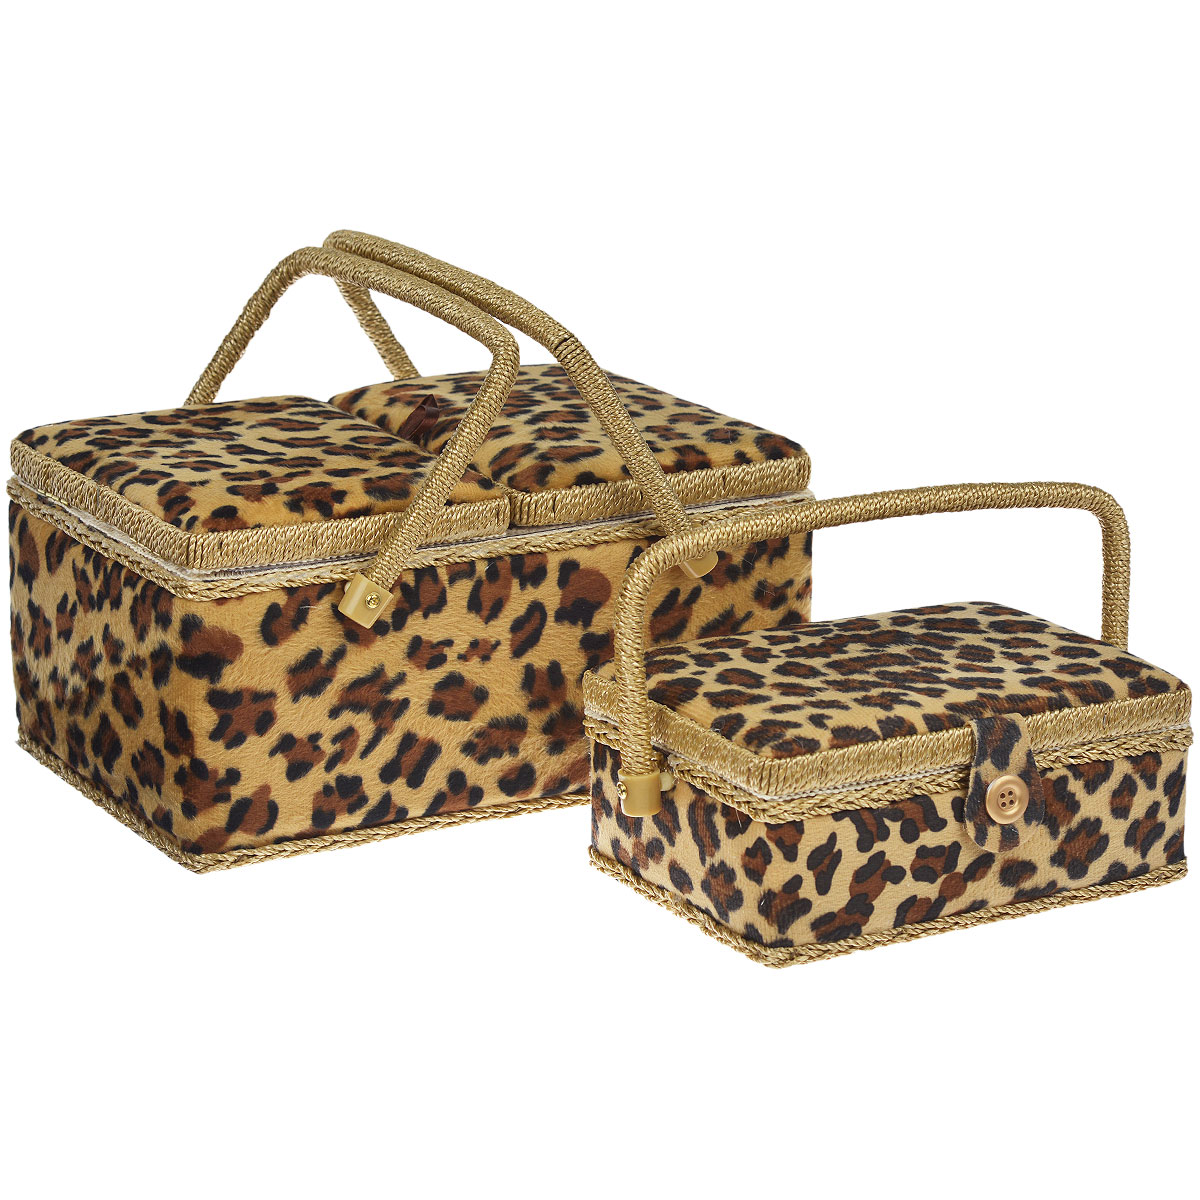 Шкатулка для рукоделия Леопард + Вторая шкатулка в подарок139558Набор Леопард состоит из двух прямоугольных шкатулок для рукоделия. Изделия выполнены из МДФ и обтянуты плюшевым текстилем с принтом под леопарда. Большая шкатулка закрывается двумя крышками, внутри содержатся две подушечки для игл и съемный пластиковый поддон с 4 отделениями. Маленькая шкатулка закрывается хлястиком на липучку. Изделия оснащены удобными плетеными ручками. Изящные шкатулки с ярким дизайном предназначены для хранения мелочей, принадлежностей для шитья и творчества и других аксессуаров. Они красиво оформят интерьер комнаты и помогут хранить ваши вещи в порядке. Прекрасный подарок для рукодельницы. Размер большой шкатулки: 31 см х 21 см х 15 см. Размер маленькой шкатулки: 21 см х 15 см х 9 см.